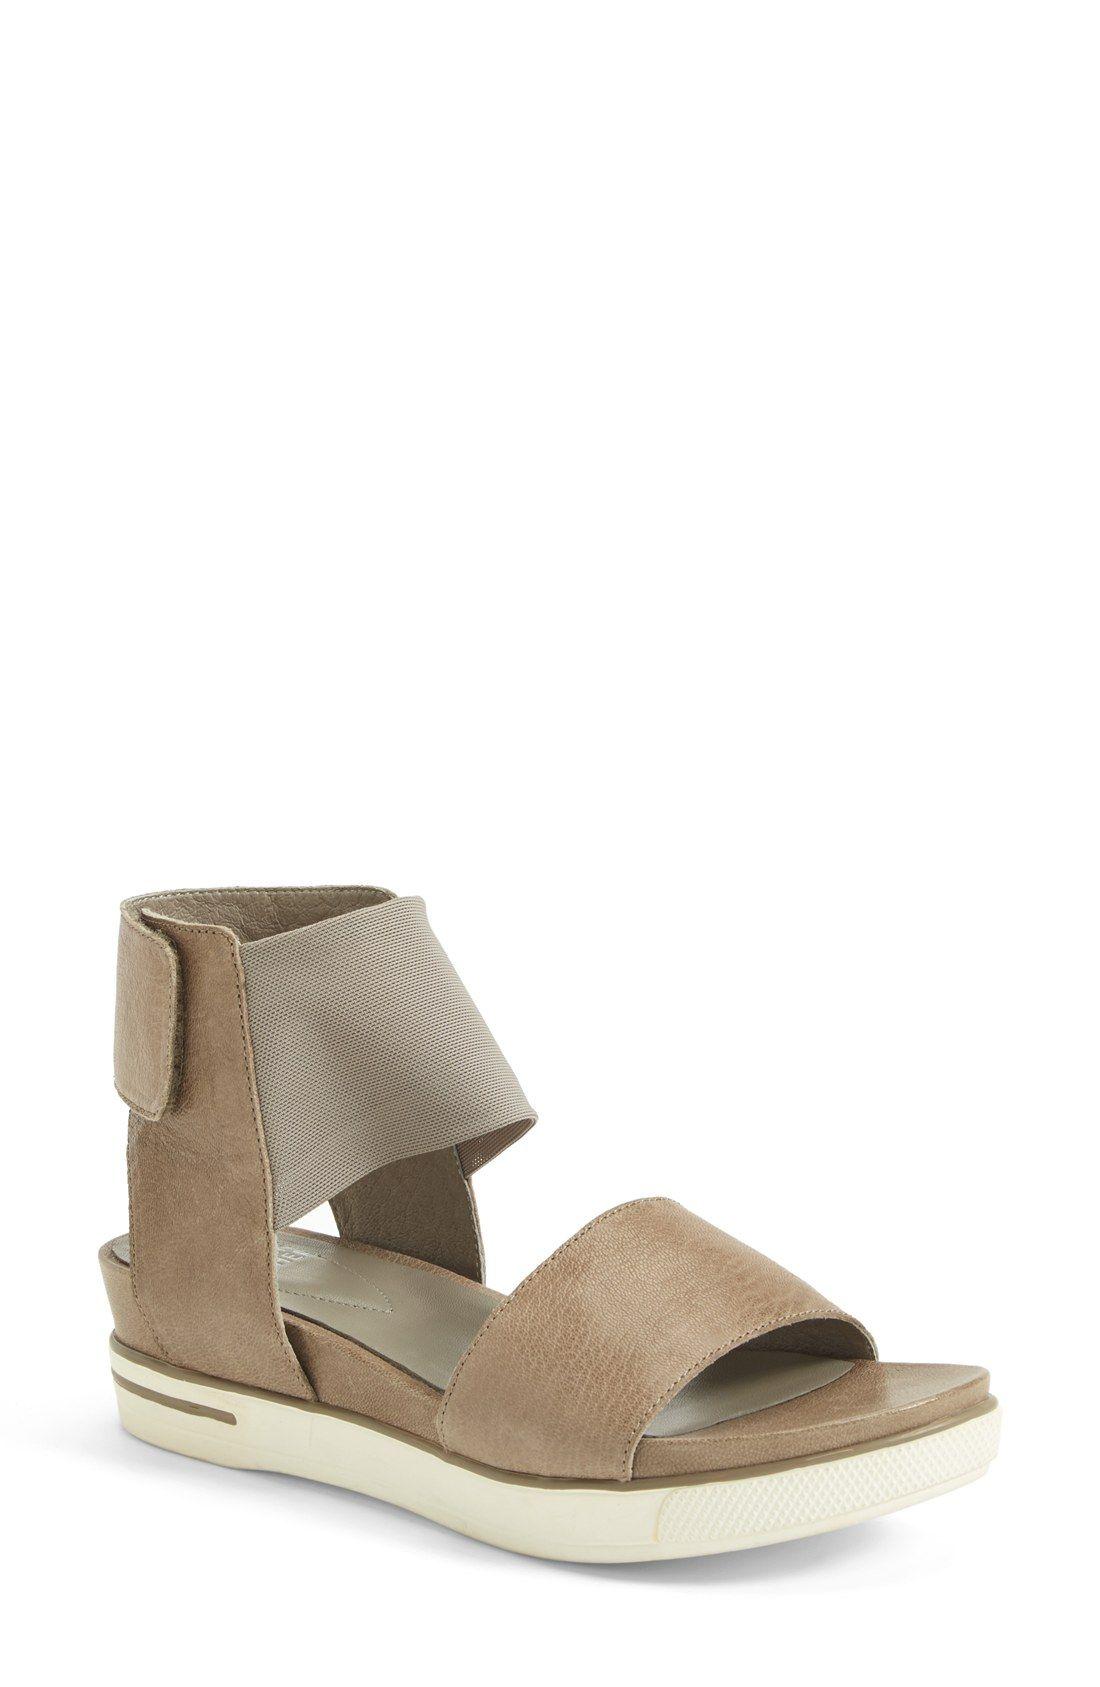 Eileen Fisher 'Spree' Sport Sandal